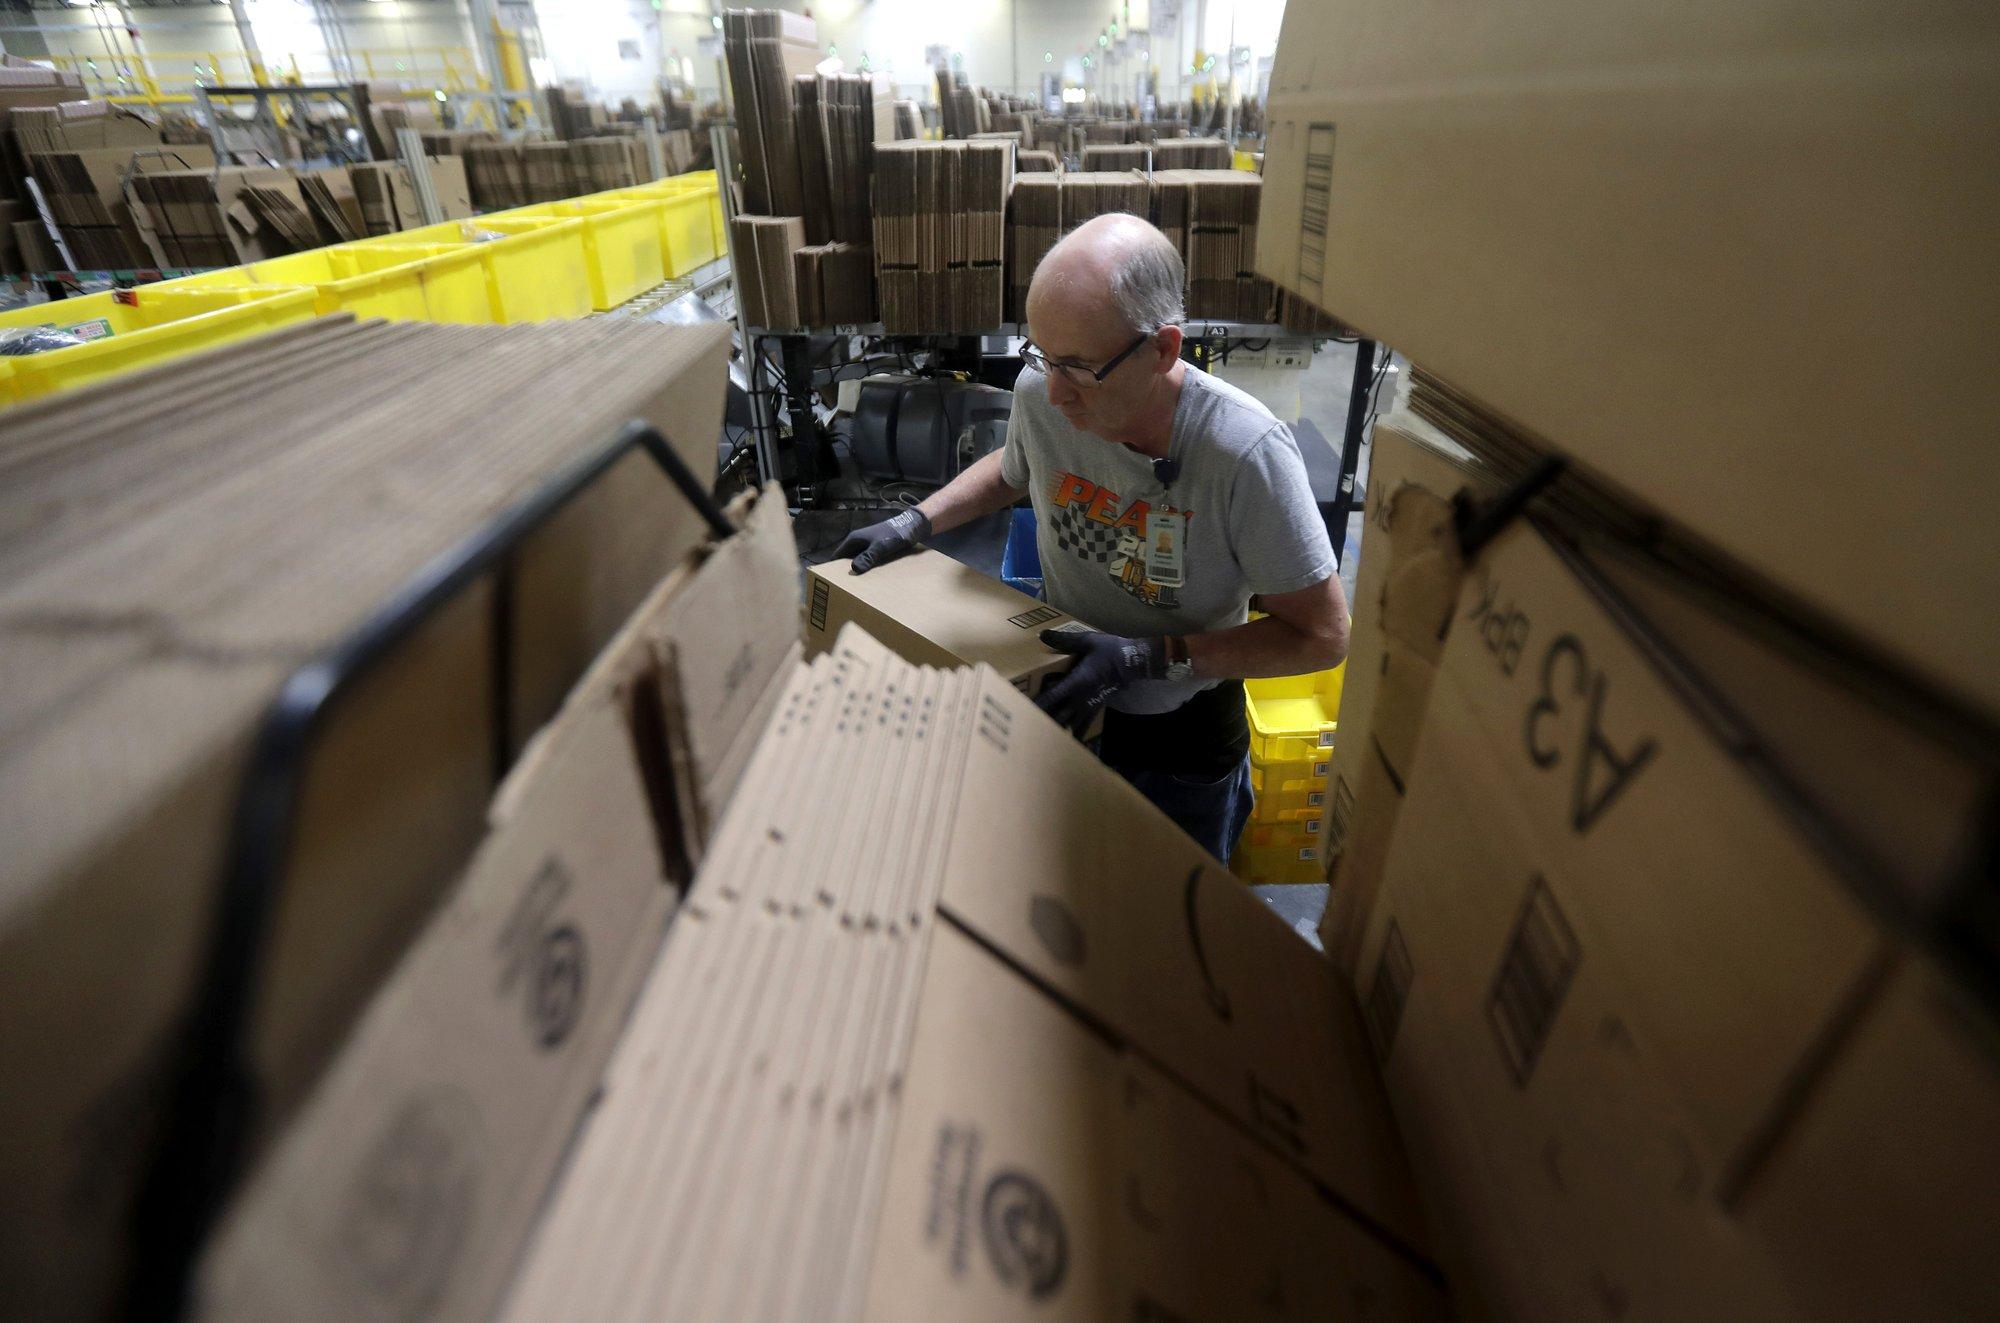 Unas 125.000 personas trabajan de tiempo completo en los almacenes de Amazon en Estados Unidos (Foto: AP)